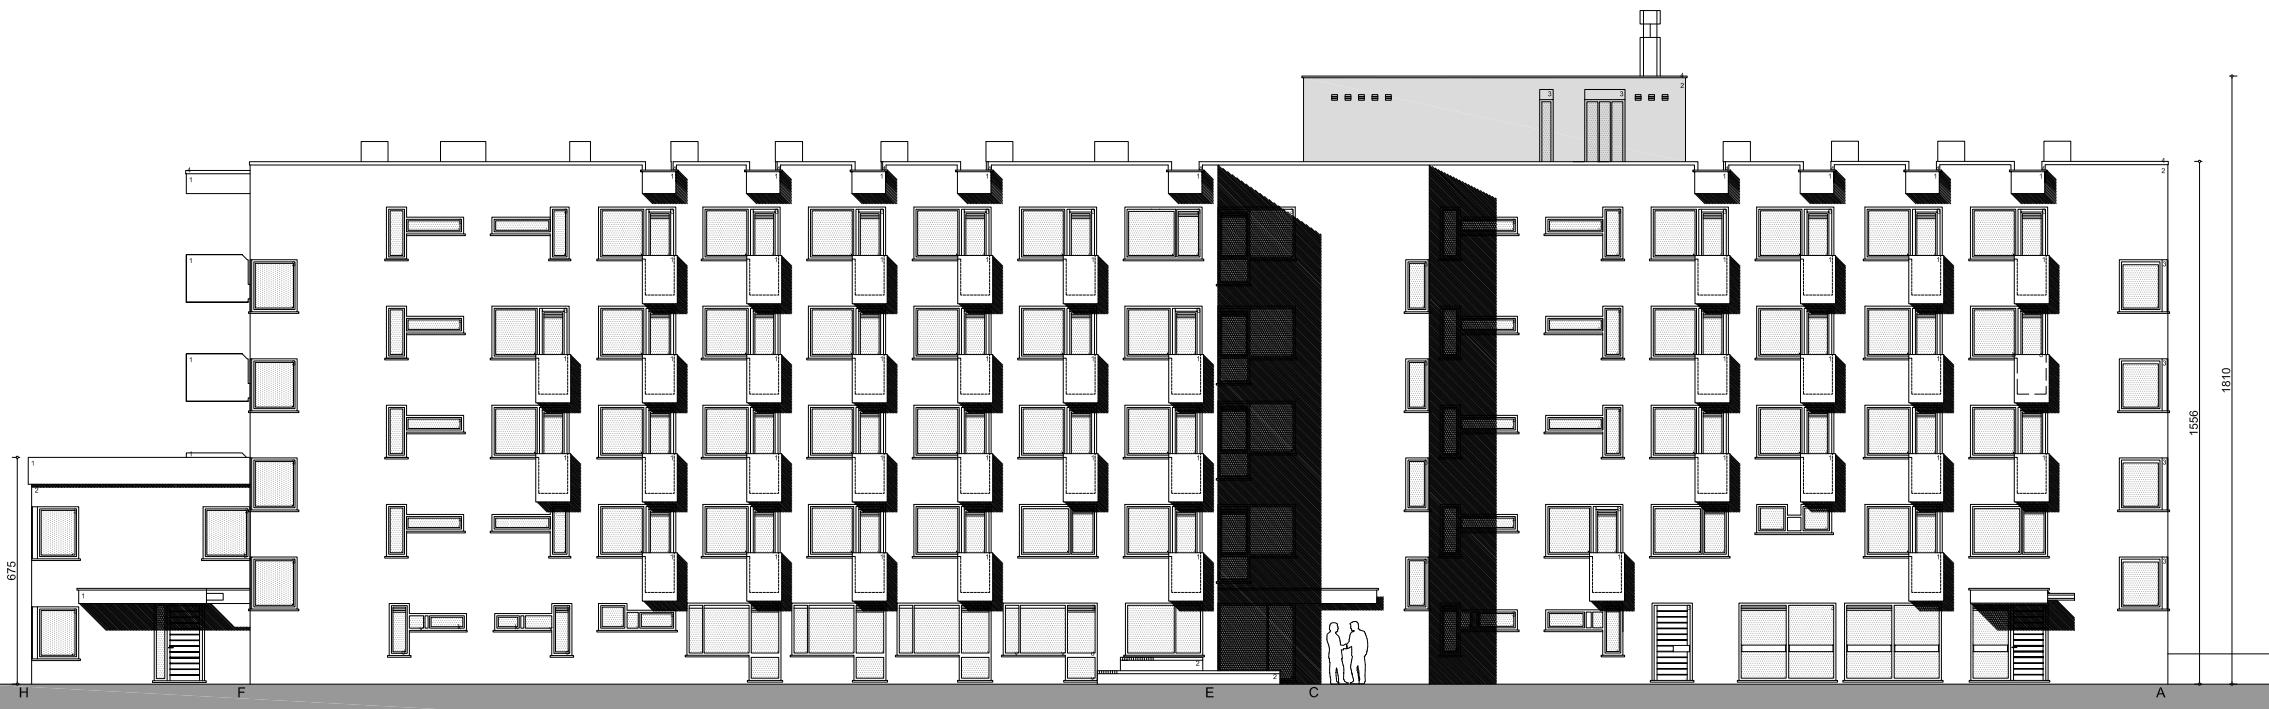 EPB berekening van een hotel met 64 kamers